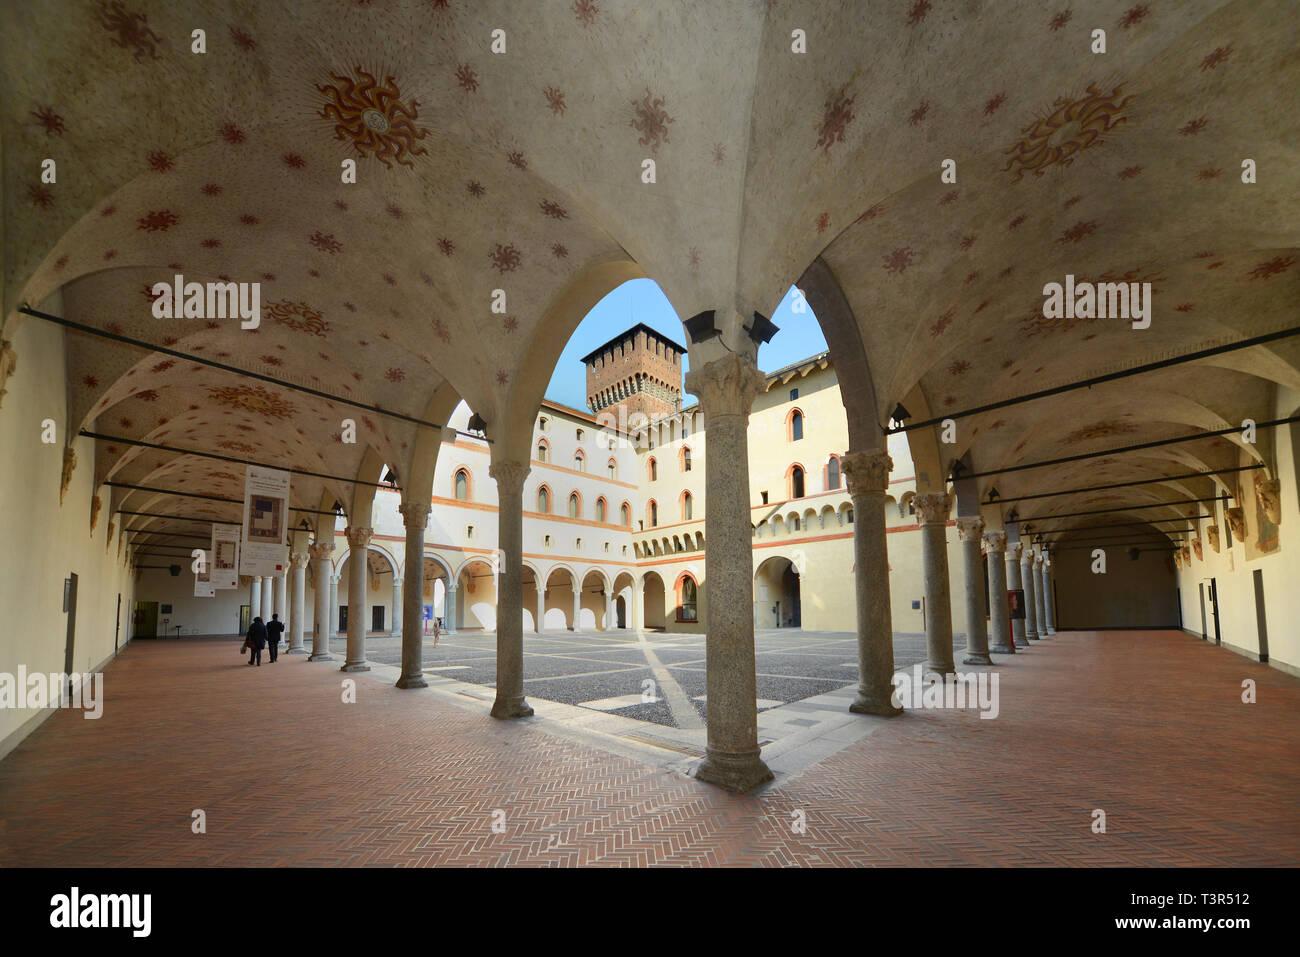 Italia, Lombardia, Milano, Cortile della Rocchetta,  Castello Sforzesco - Stock Image